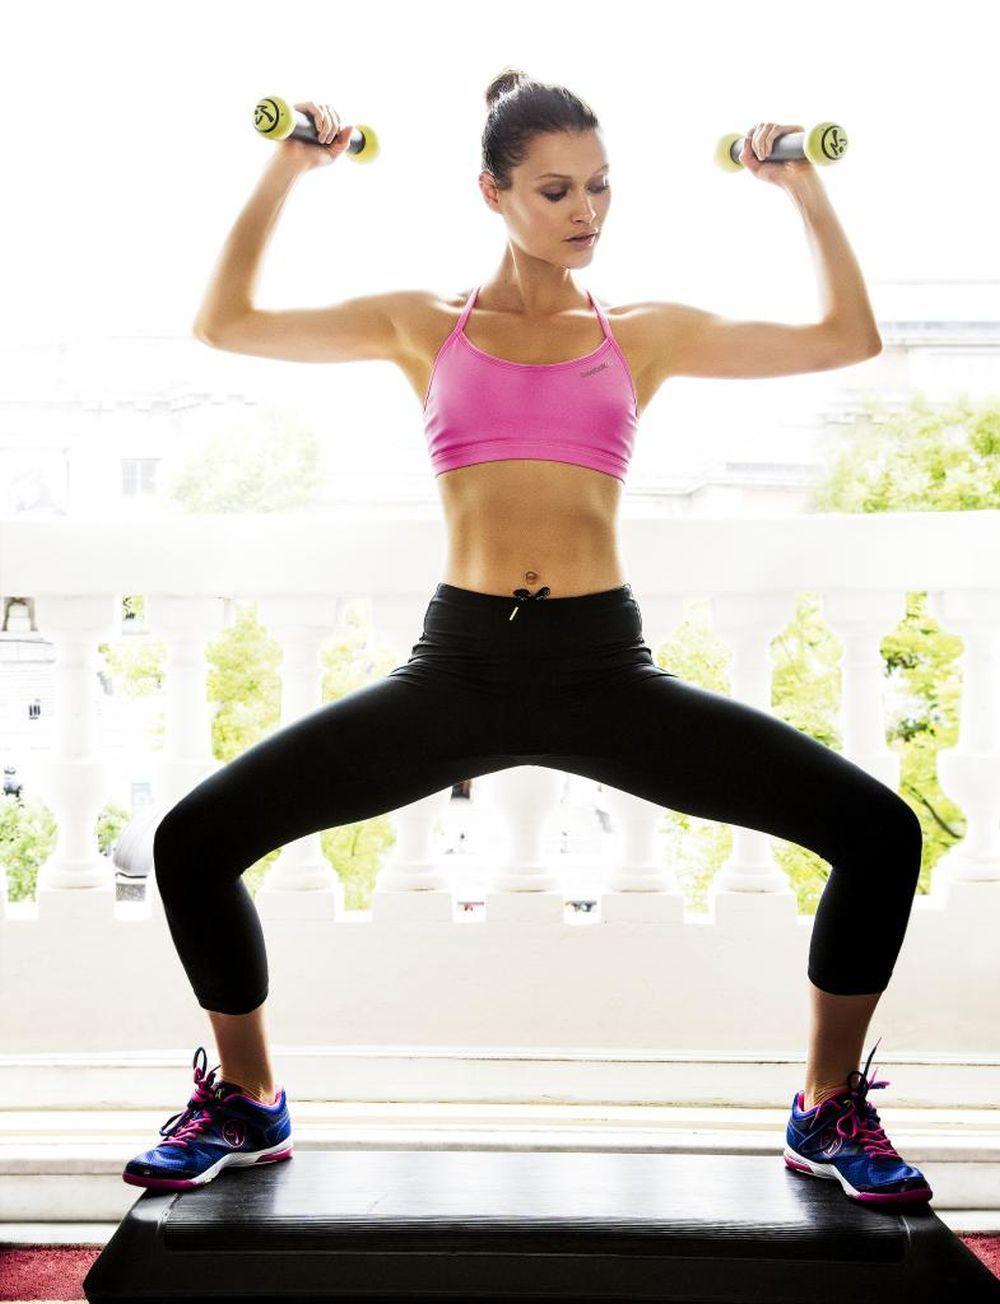 Ejercicios con pesas para fortalecer los brazos.